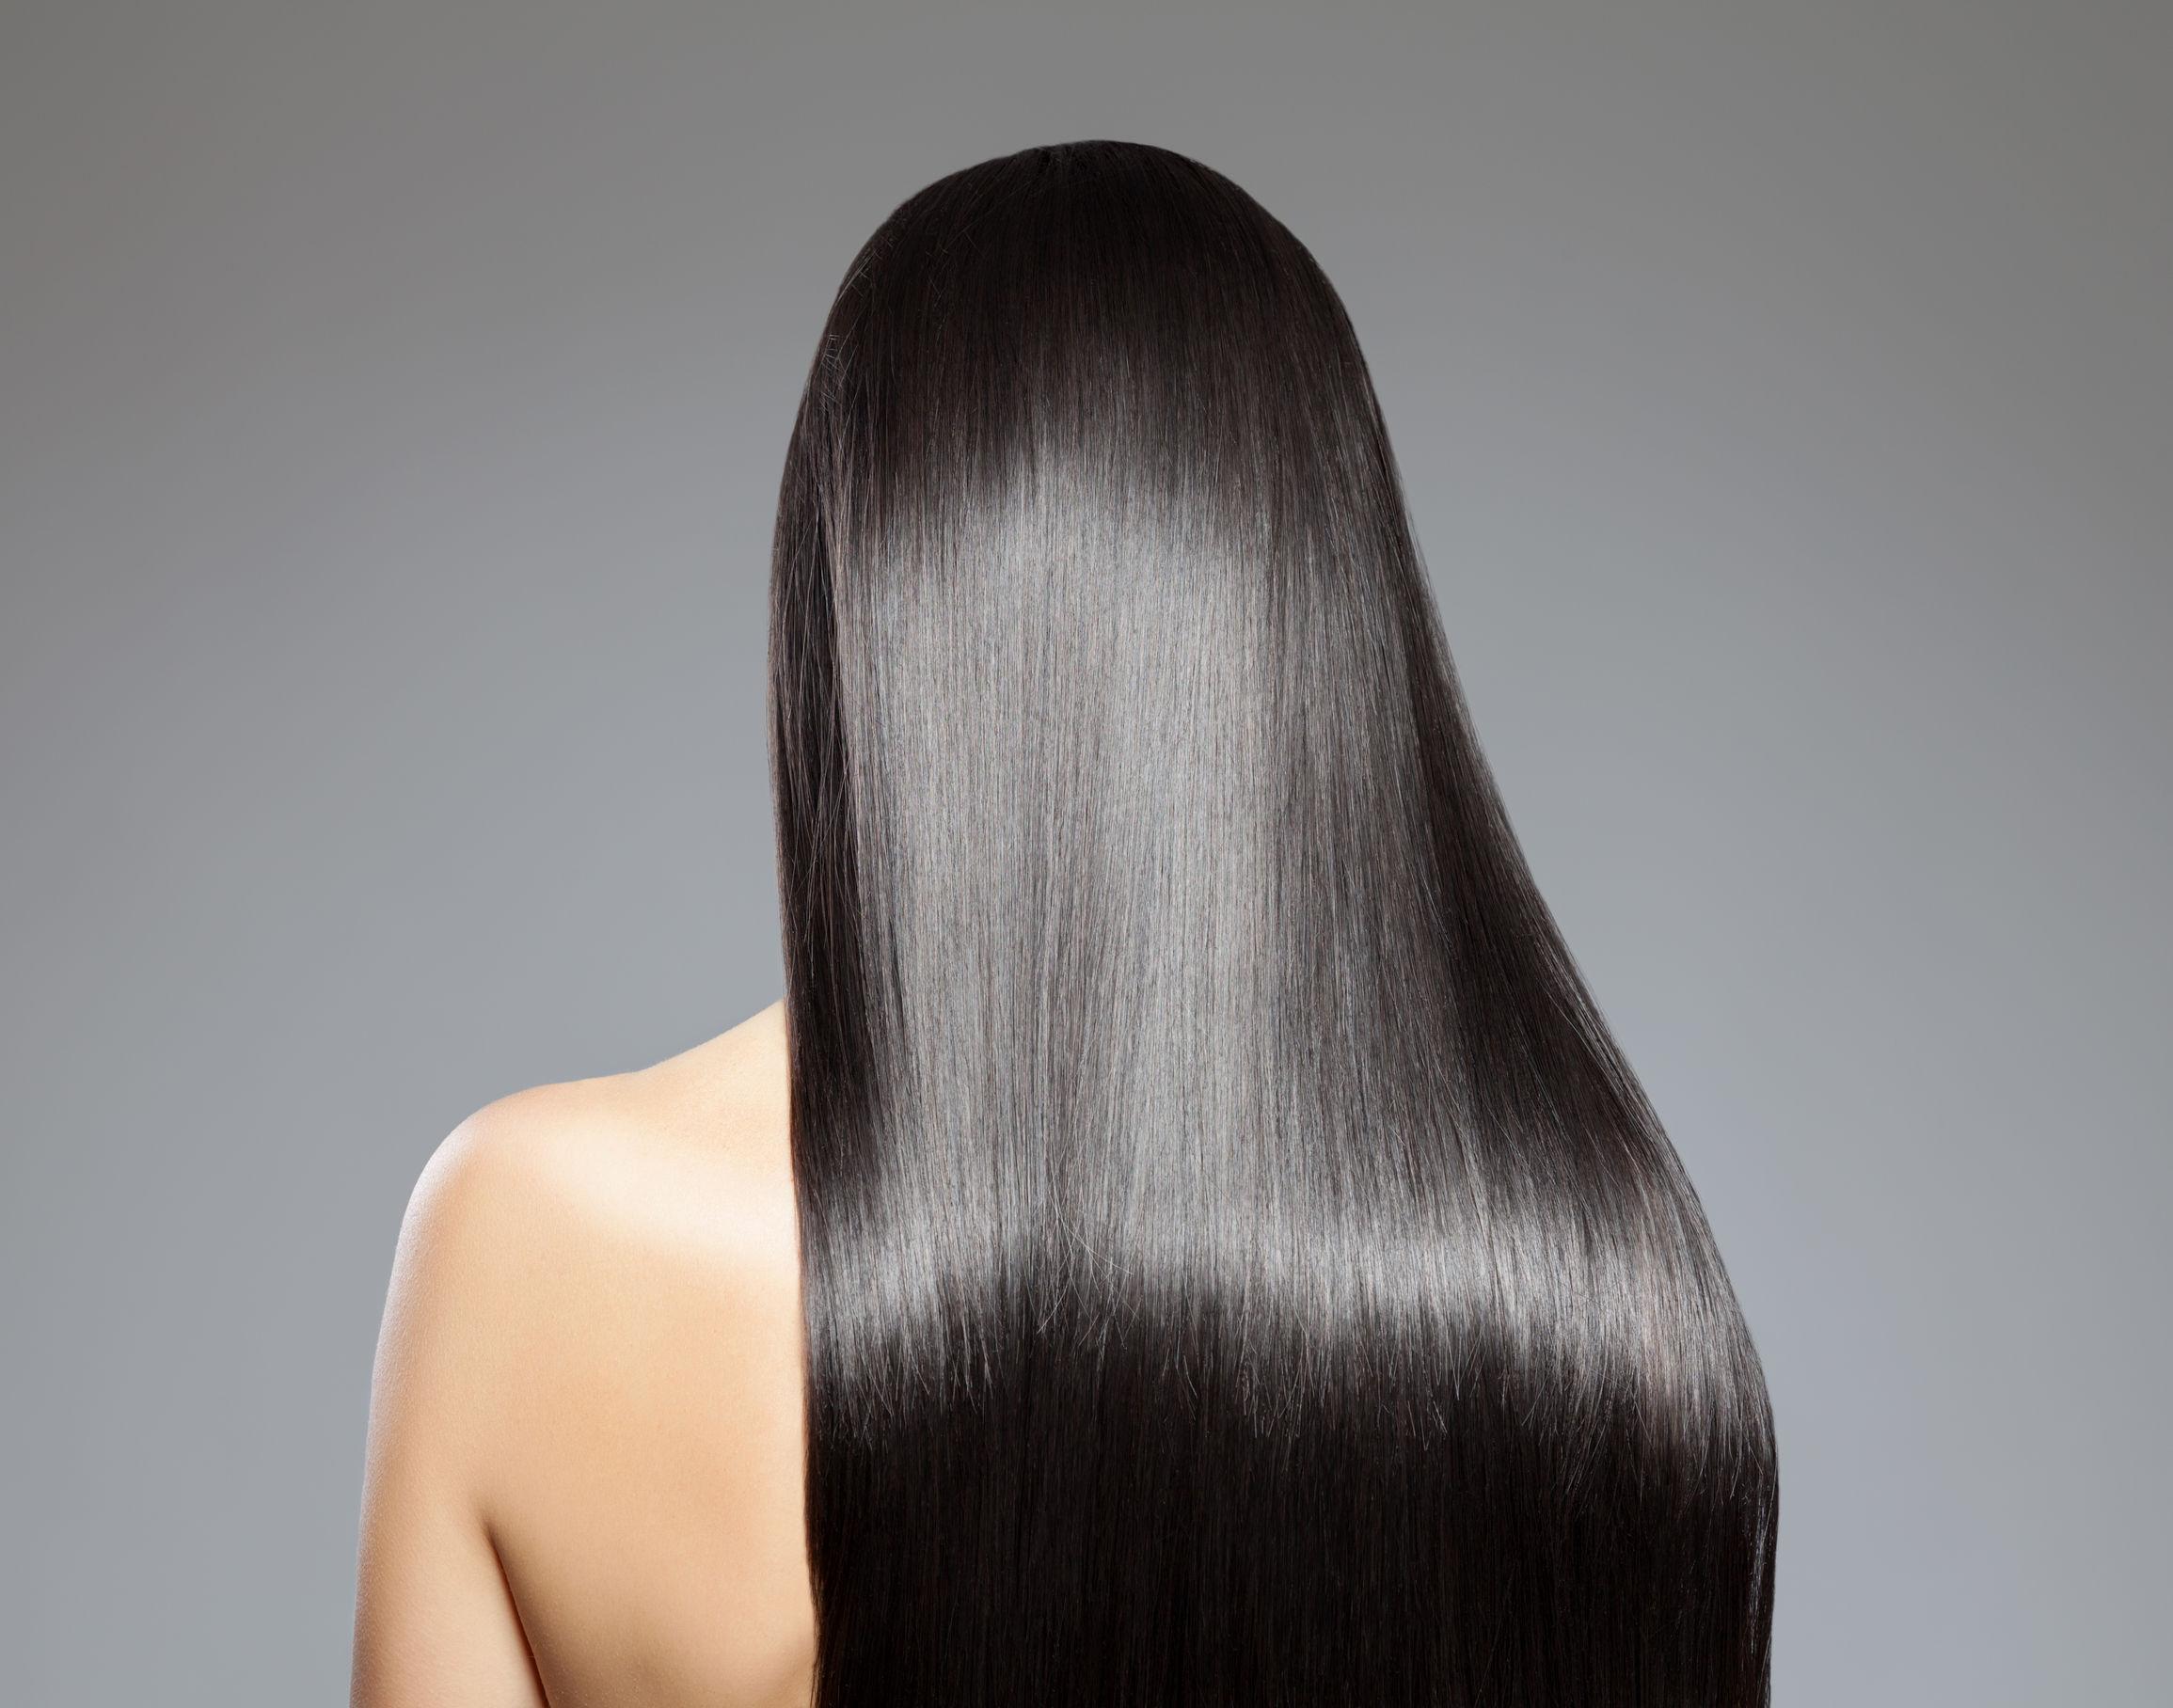 Mulher com cabelo longo preto liso brilhoso de costas.